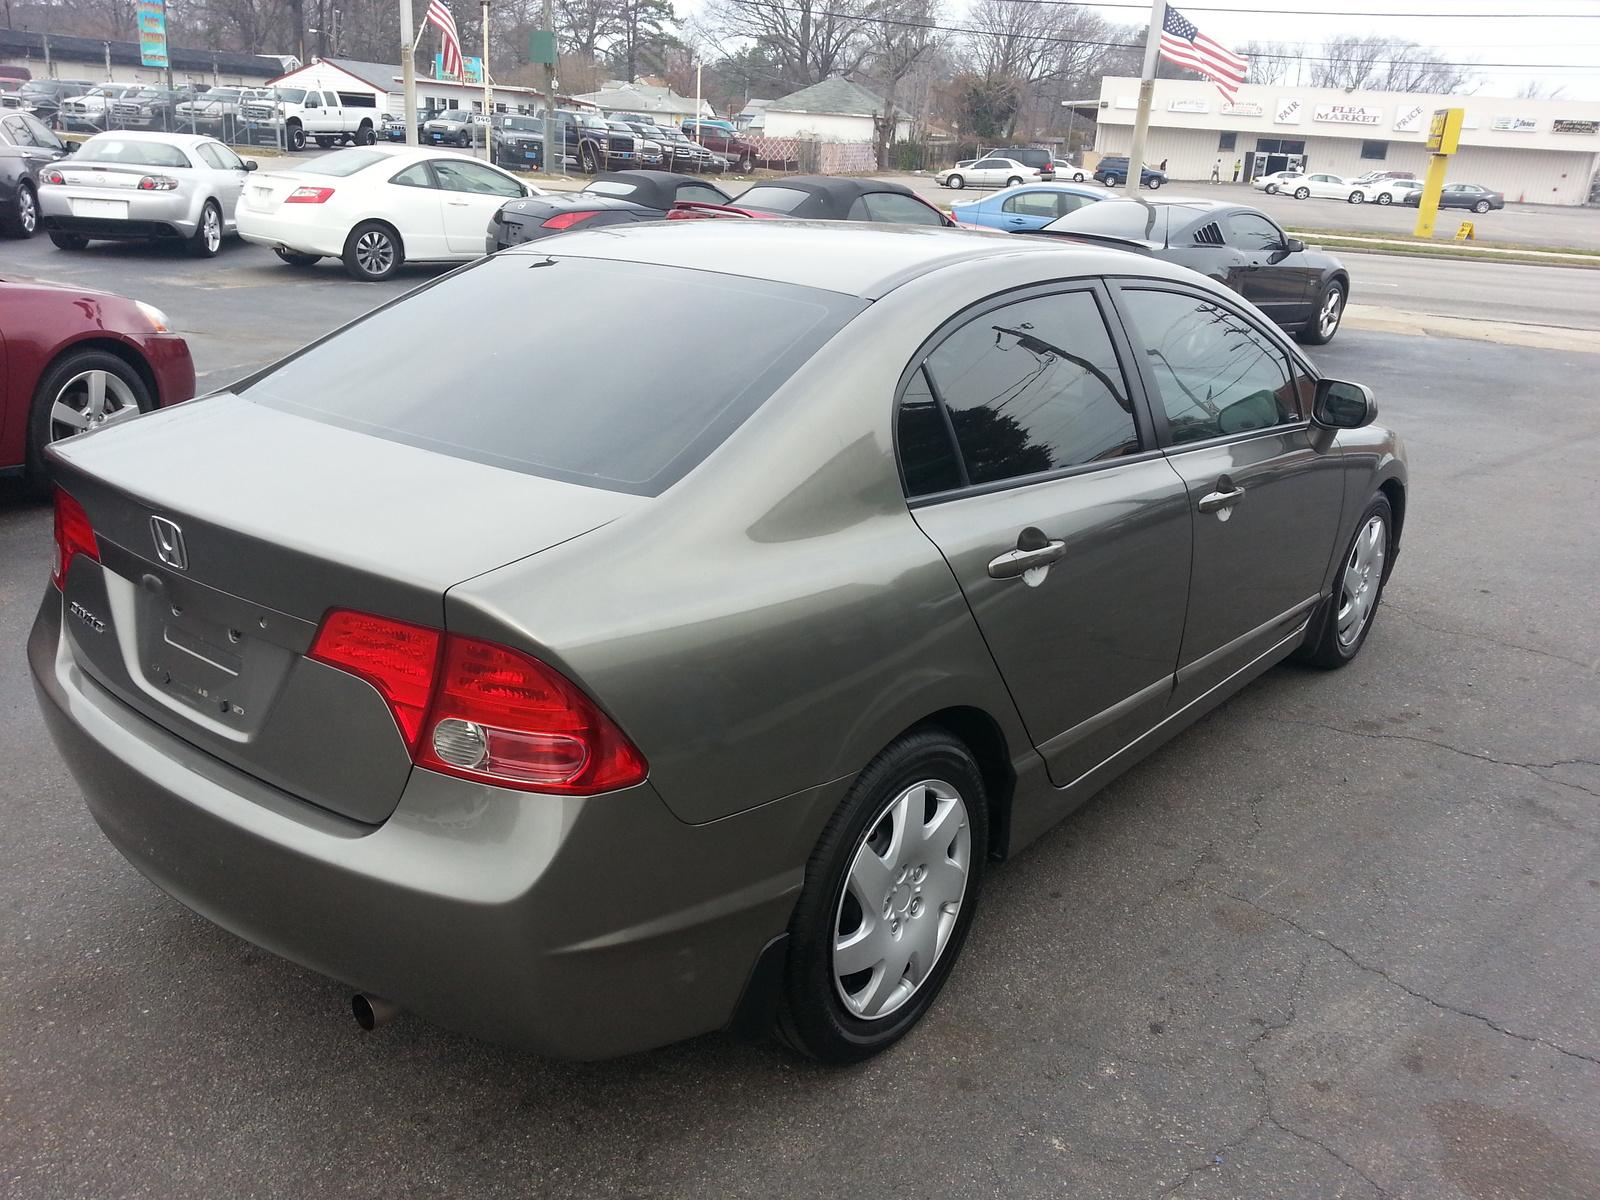 2007 Honda Civic - Pictures - CarGurus